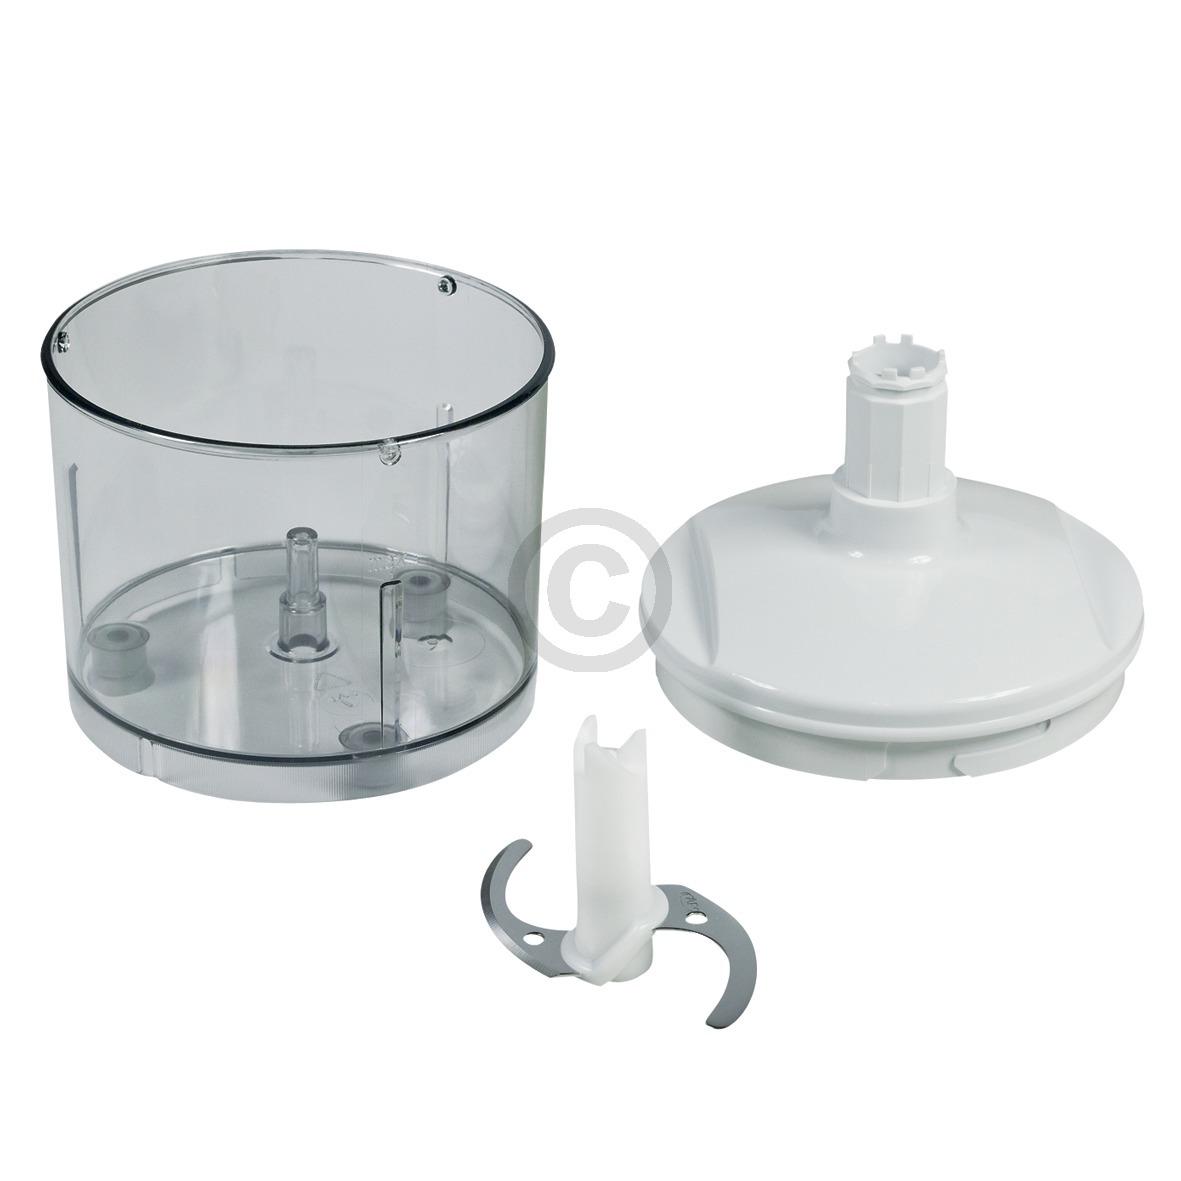 Universalzerkleinerer Bosch 00657247 Becher Getriebe Messer für Stabmixer